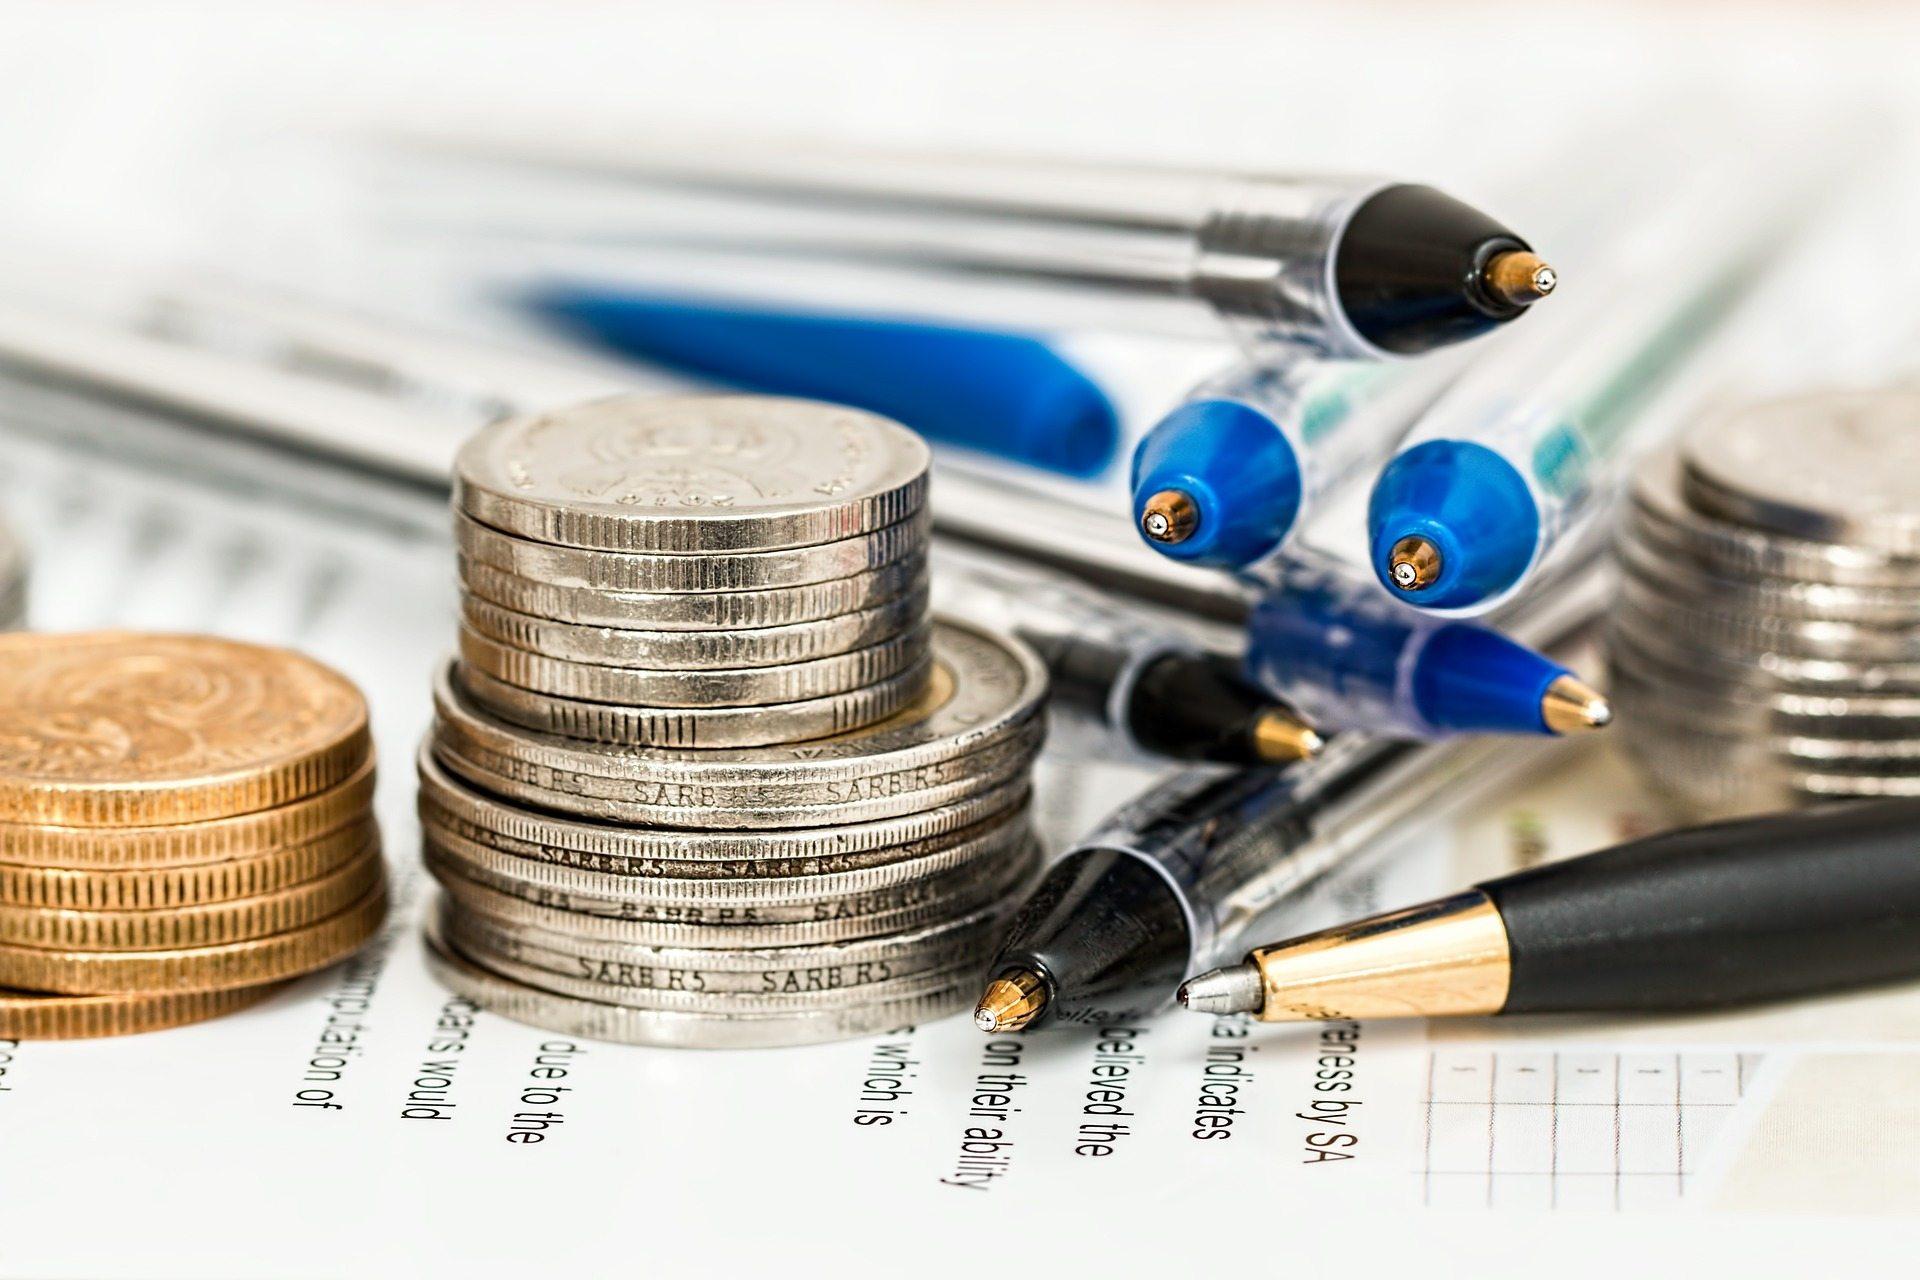 giá thành sản phẩm và phân loại giá thành sản phẩm